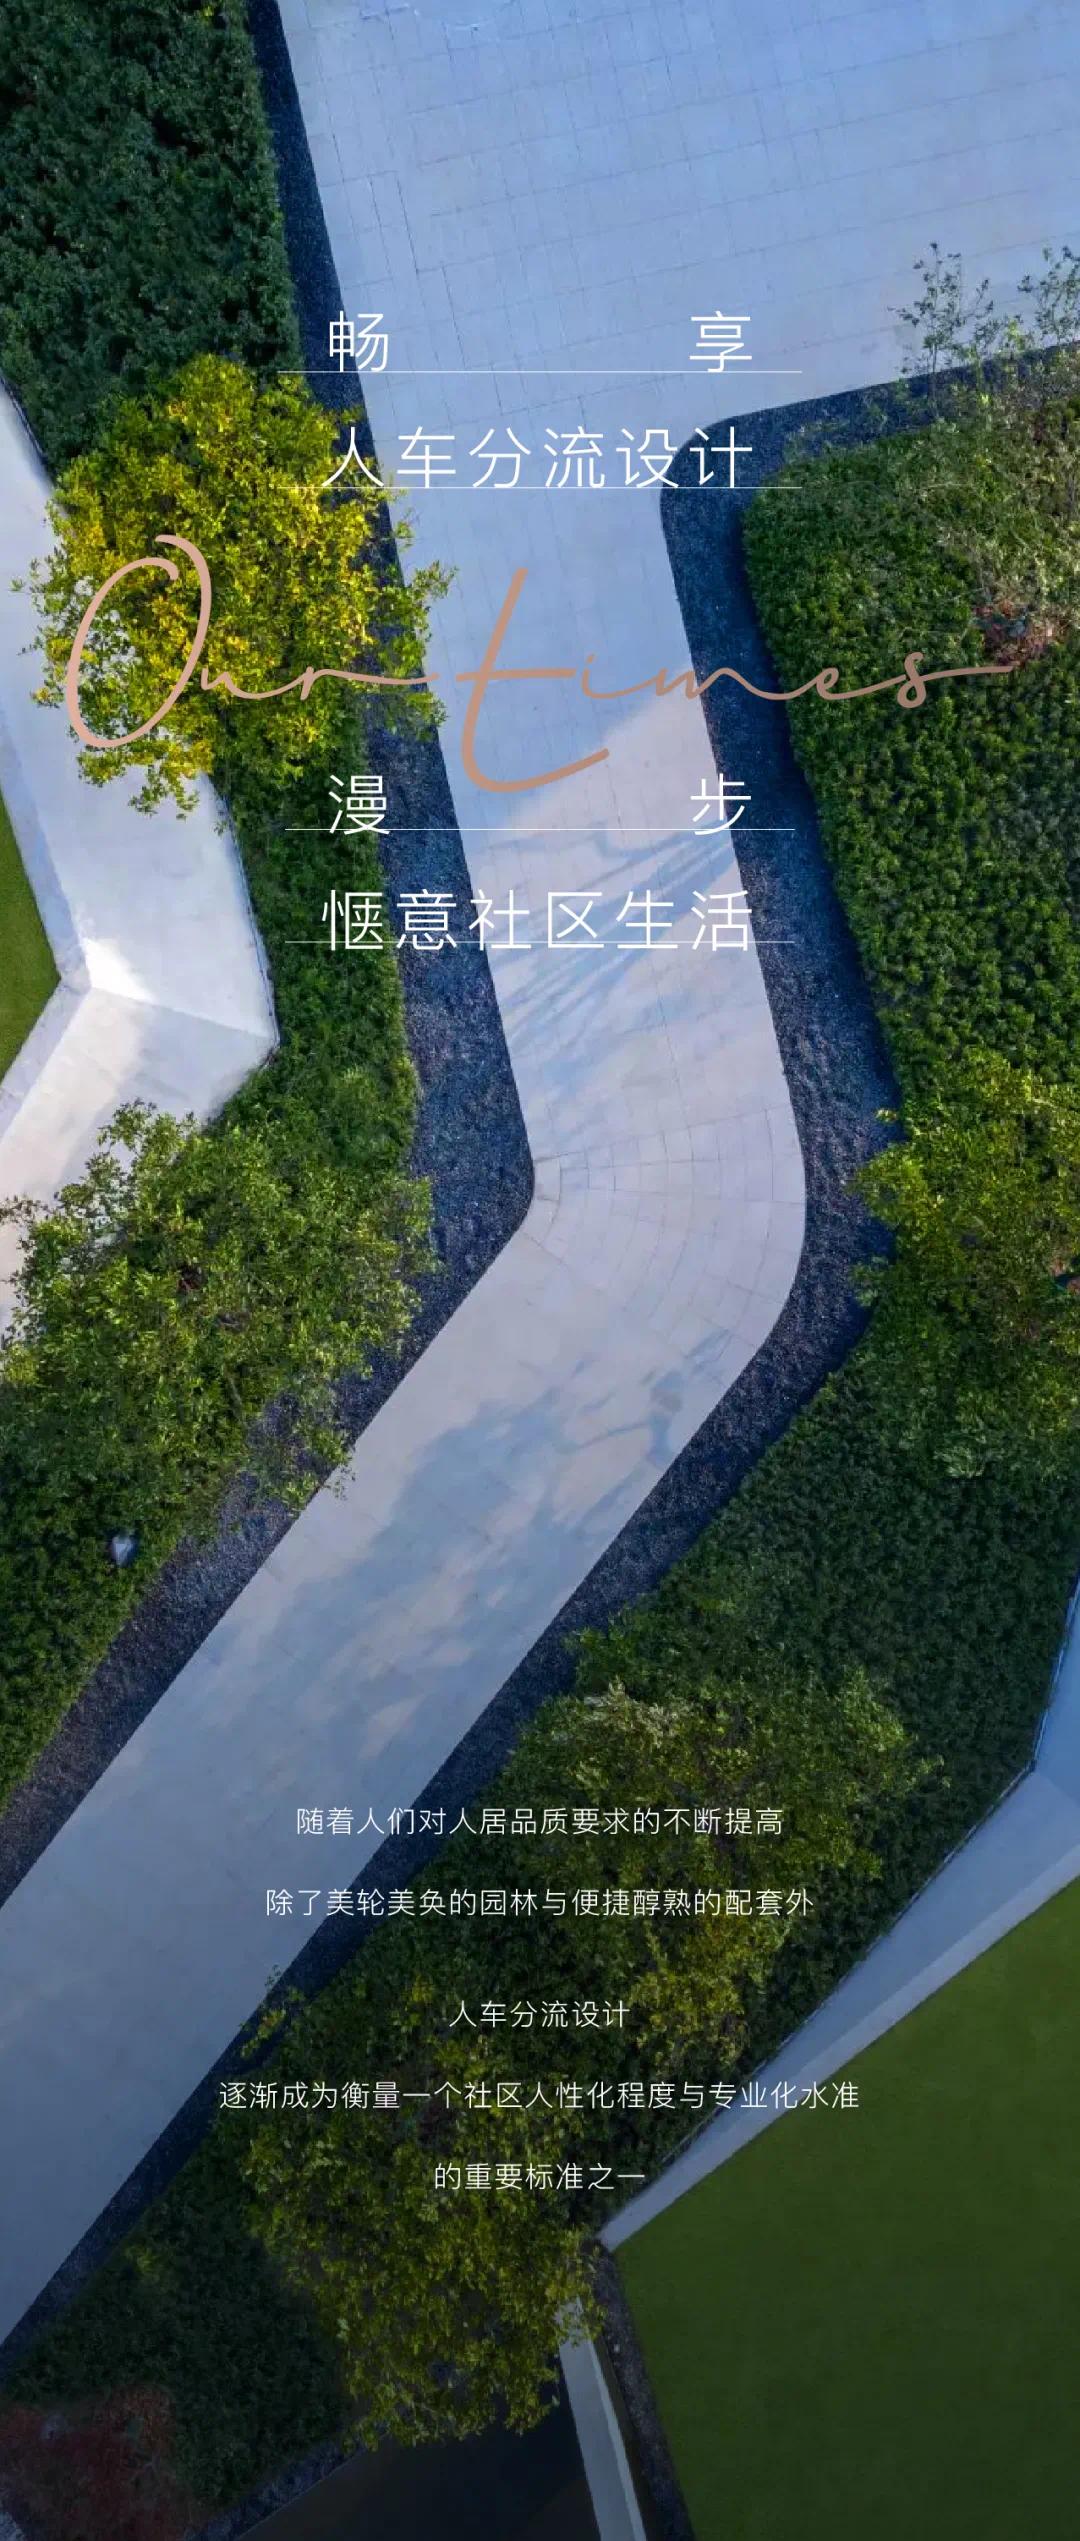 启迪上府丨畅享人车分流设计 漫步惬意社区生活